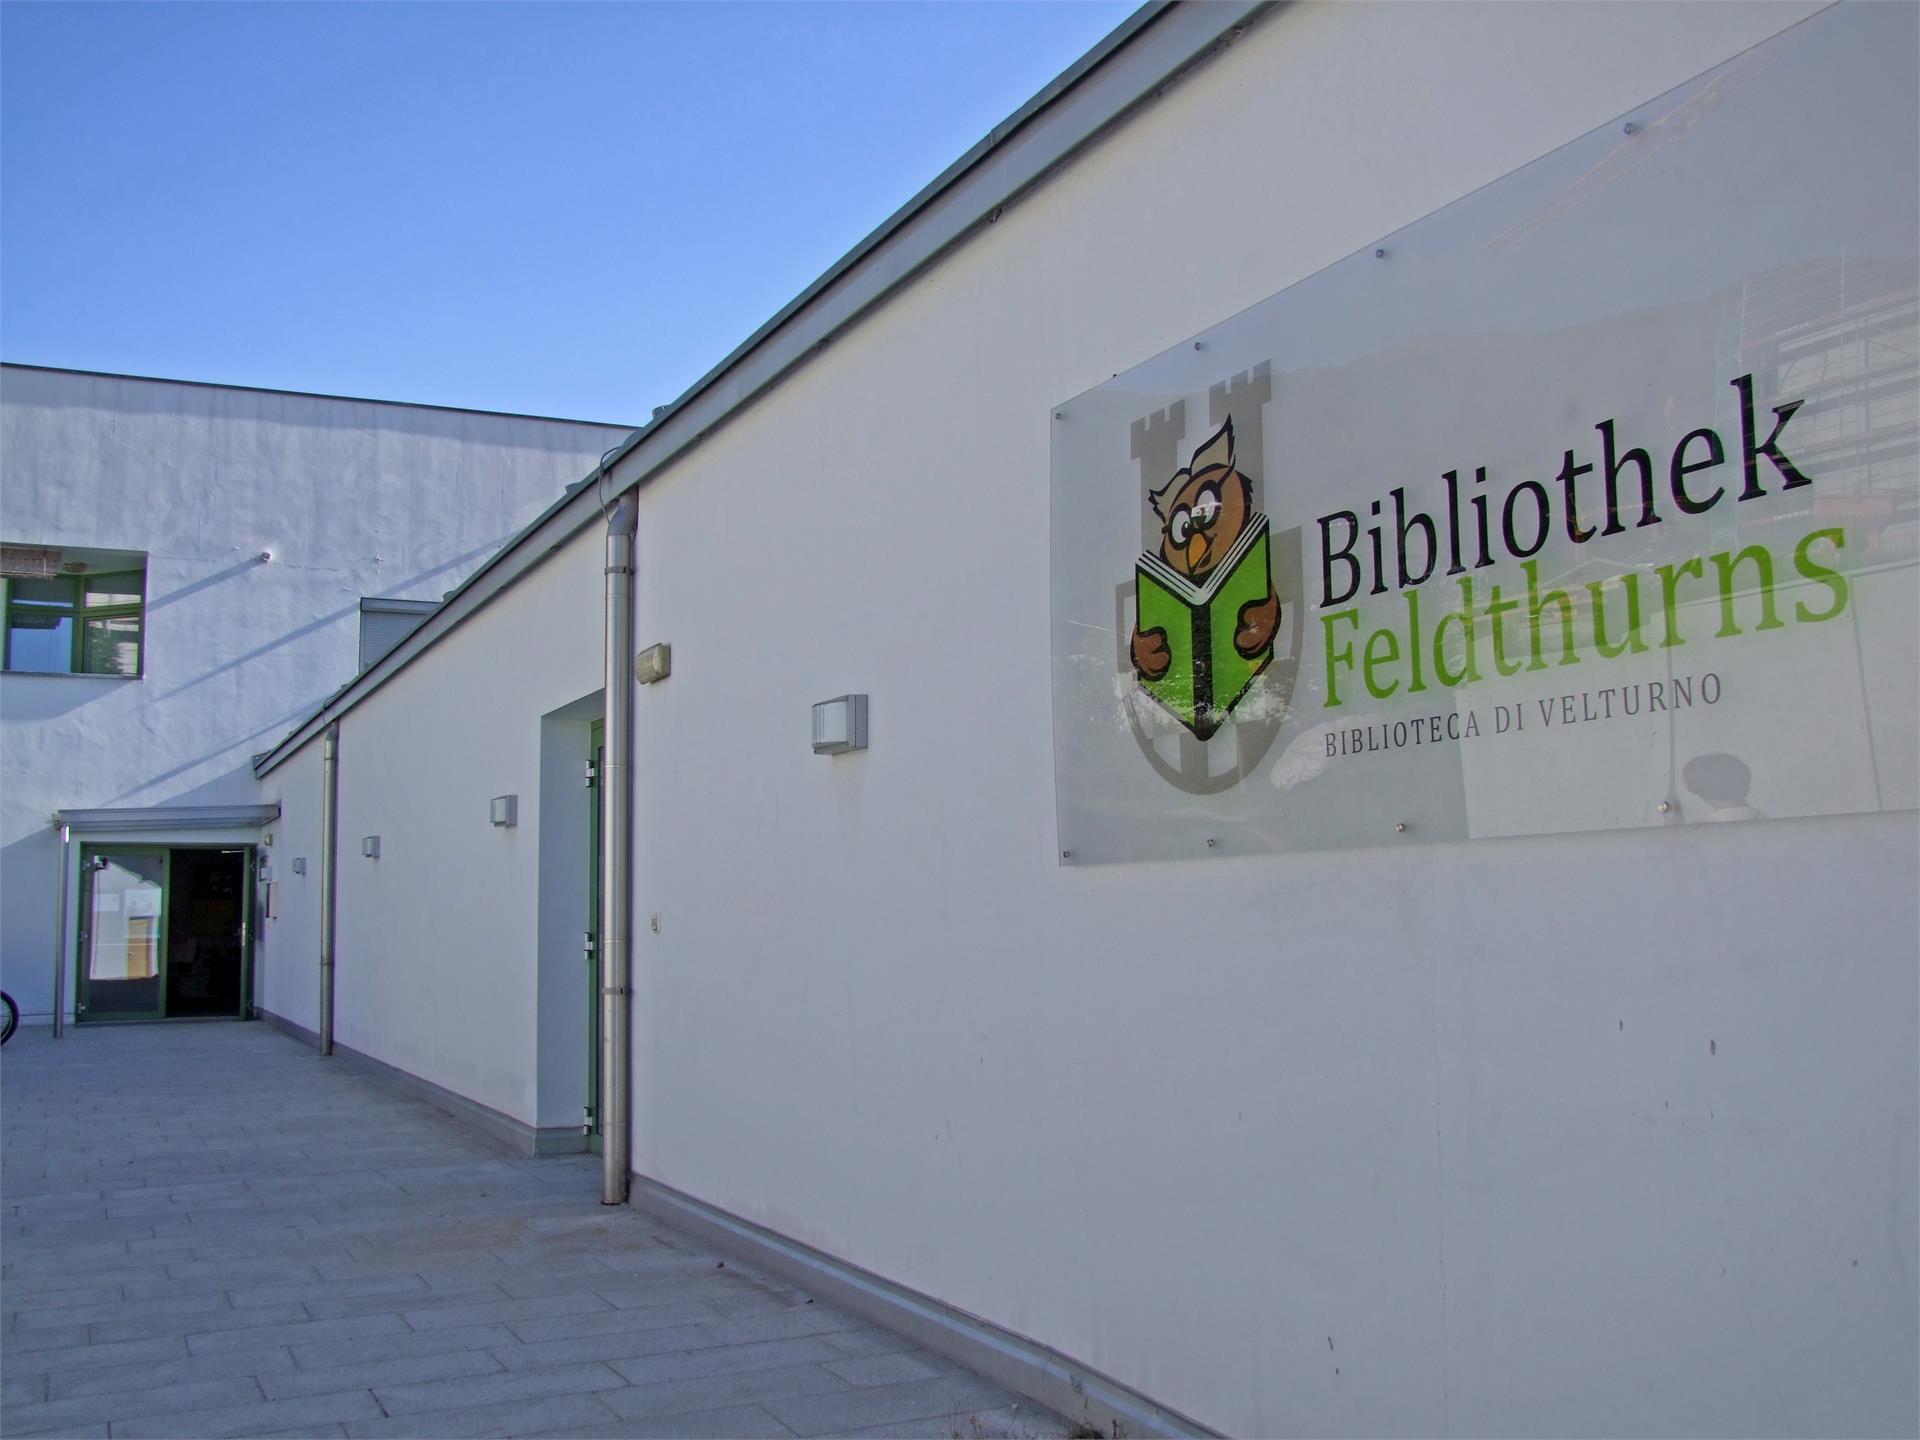 Bibliothek Feldthurns